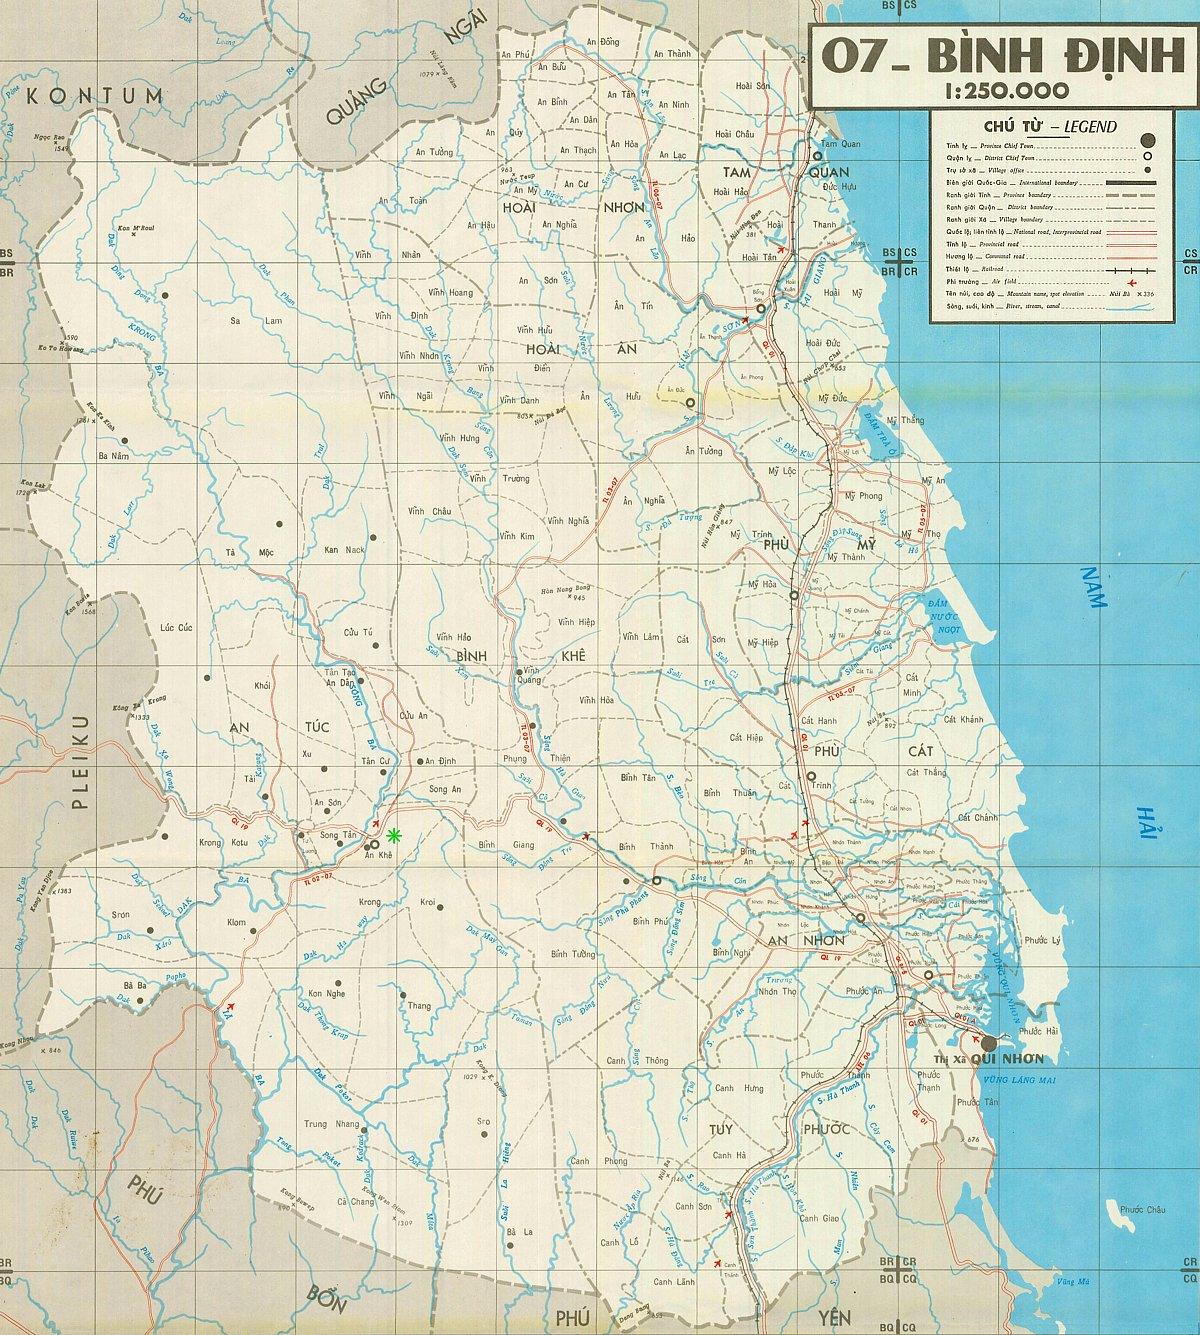 Lai Khe Vietnam Map.Viet Map 12 Vietnam War An Khe Hon Cong Mountain